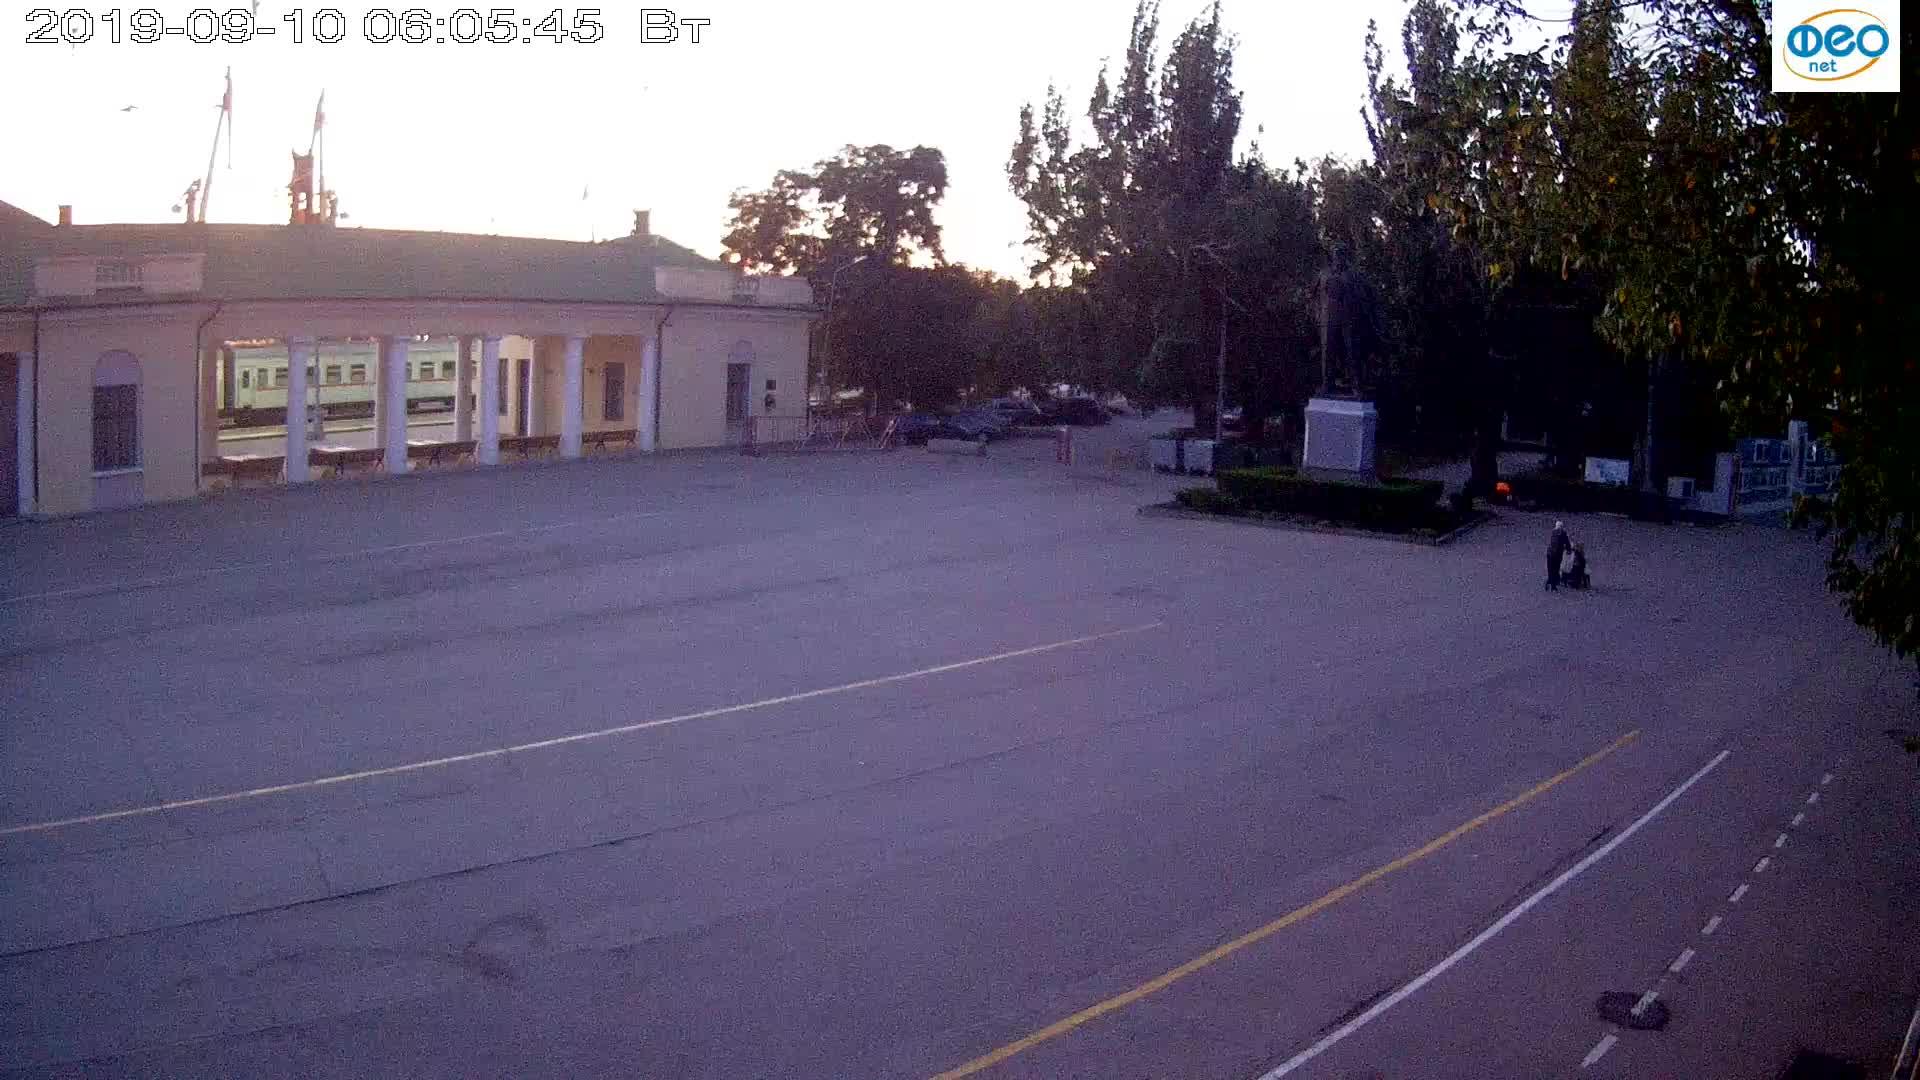 Веб-камеры Феодосии, Привокзальная площадь 2, 2019-09-10 05:53:09